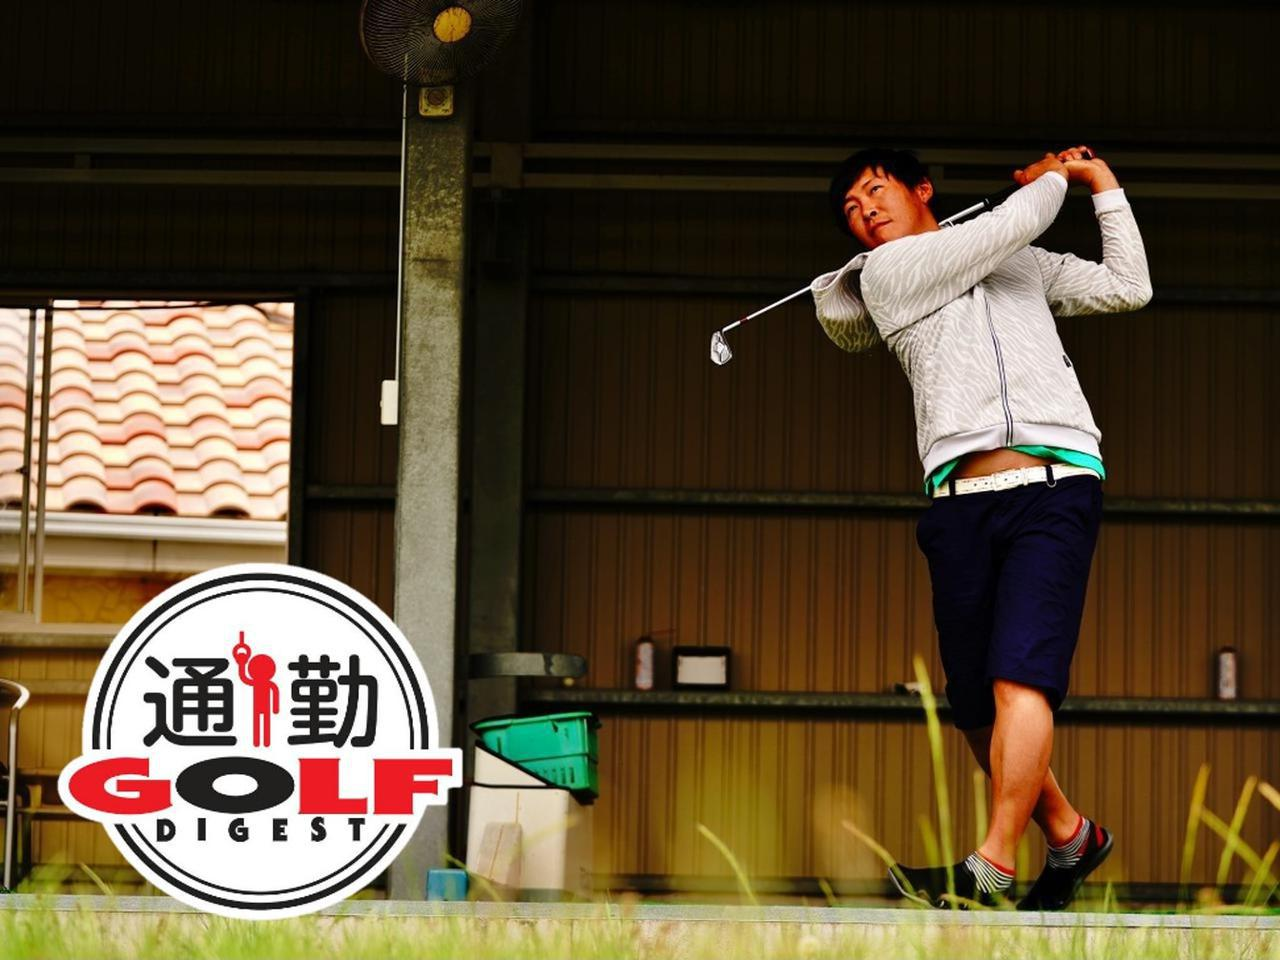 """画像: 【通勤GD】遊ぶつもりでやってみて! Vol.12 ラウンド前の""""出球チェック""""でスコアアップ!? ゴルフダイジェストWEB - ゴルフへ行こうWEB by ゴルフダイジェスト"""